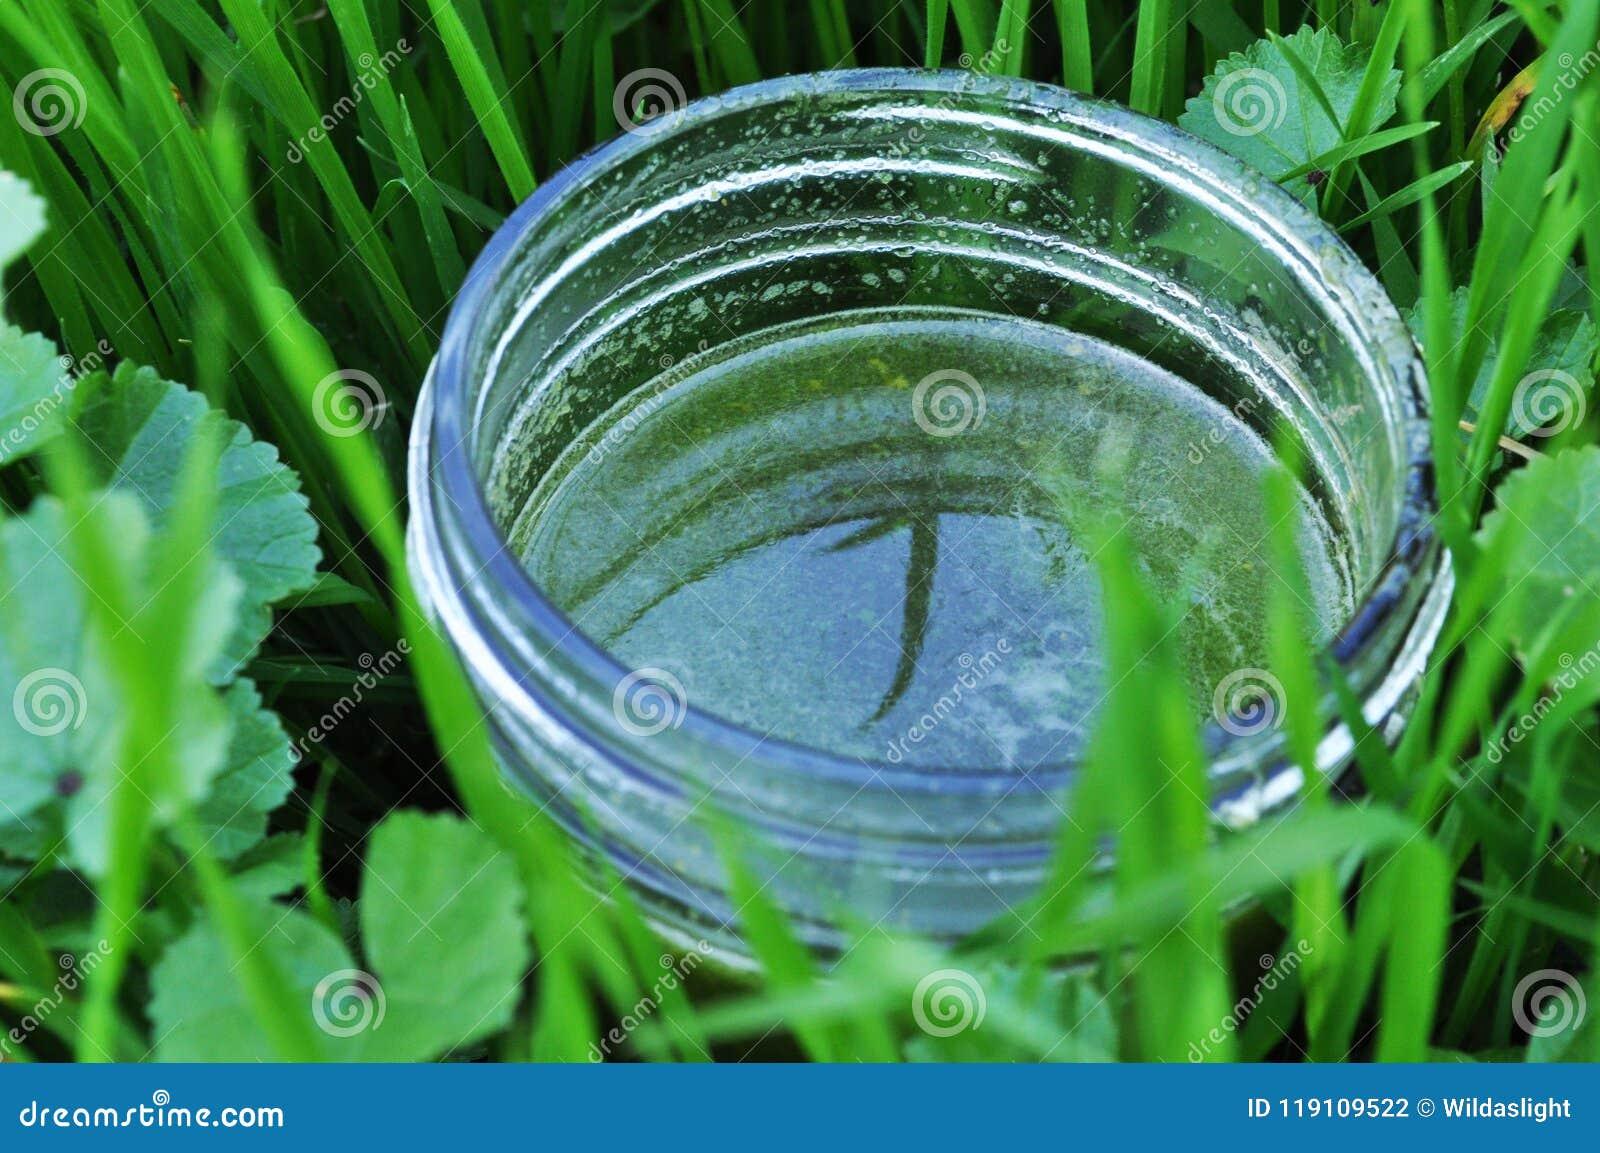 Zdrowy i wyśmienicie zielony sok